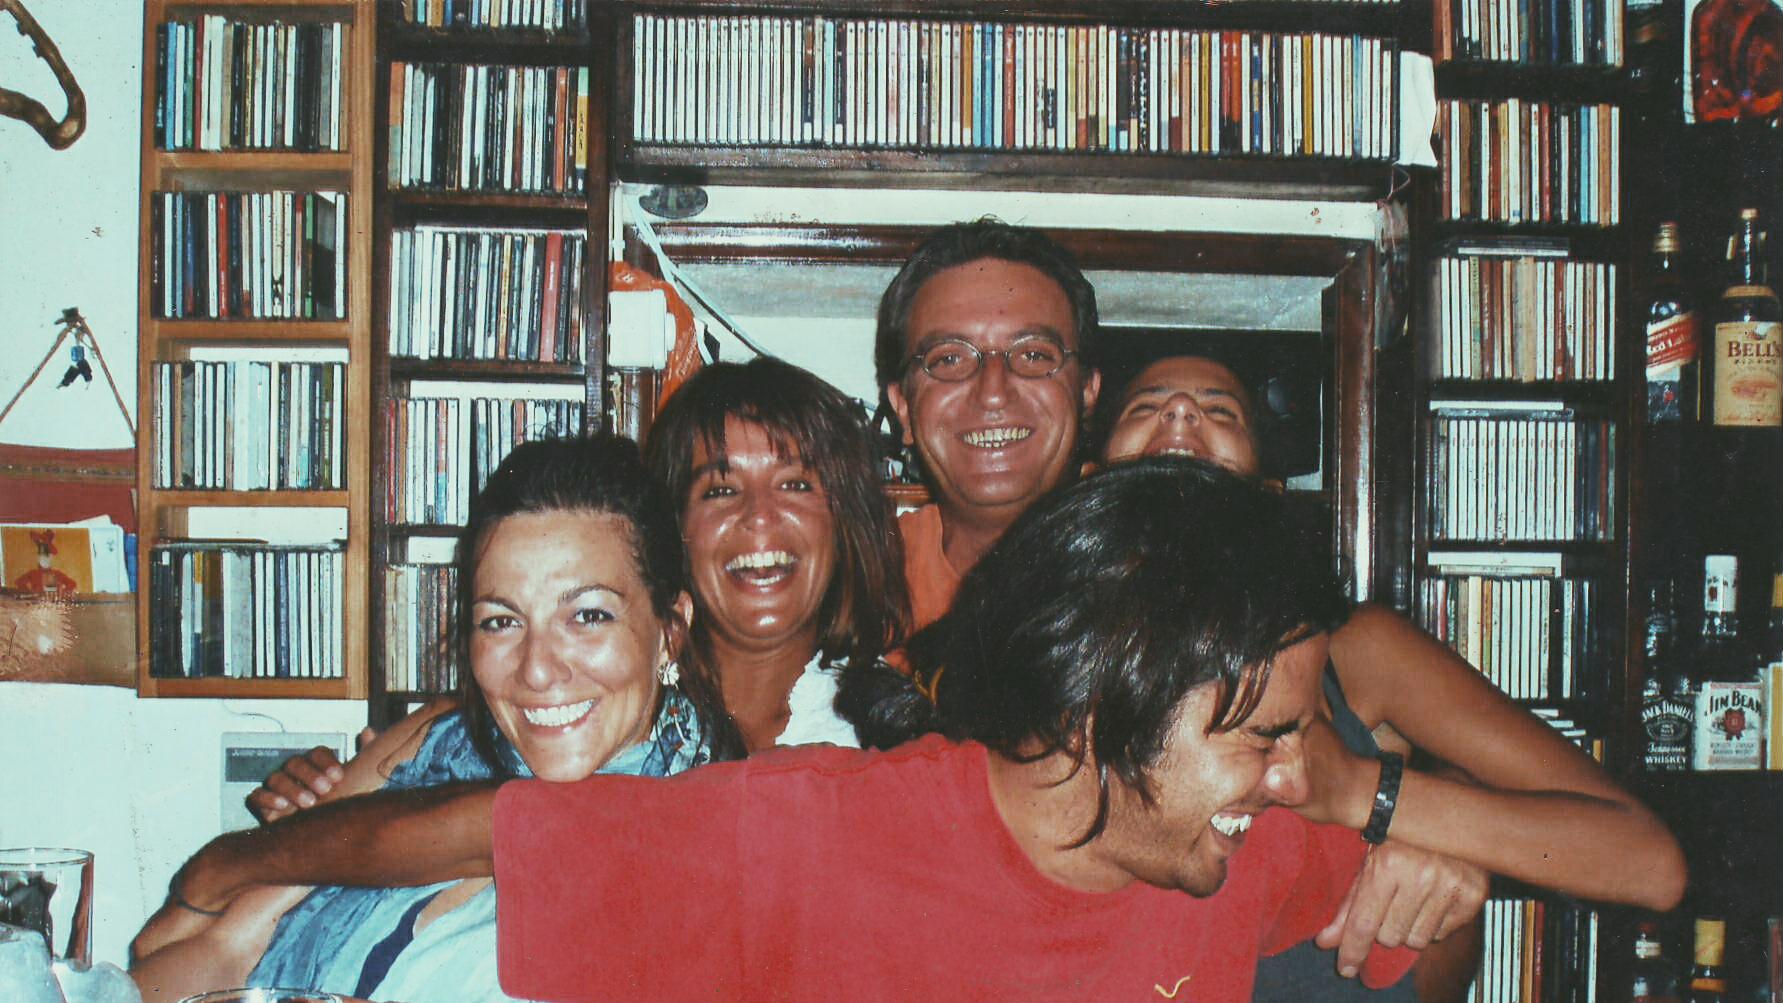 Καλοκαίρι-2006.-Ευτυχία-Μανώλης-Χρυσάνθη-Μαριανα-Λευτερης